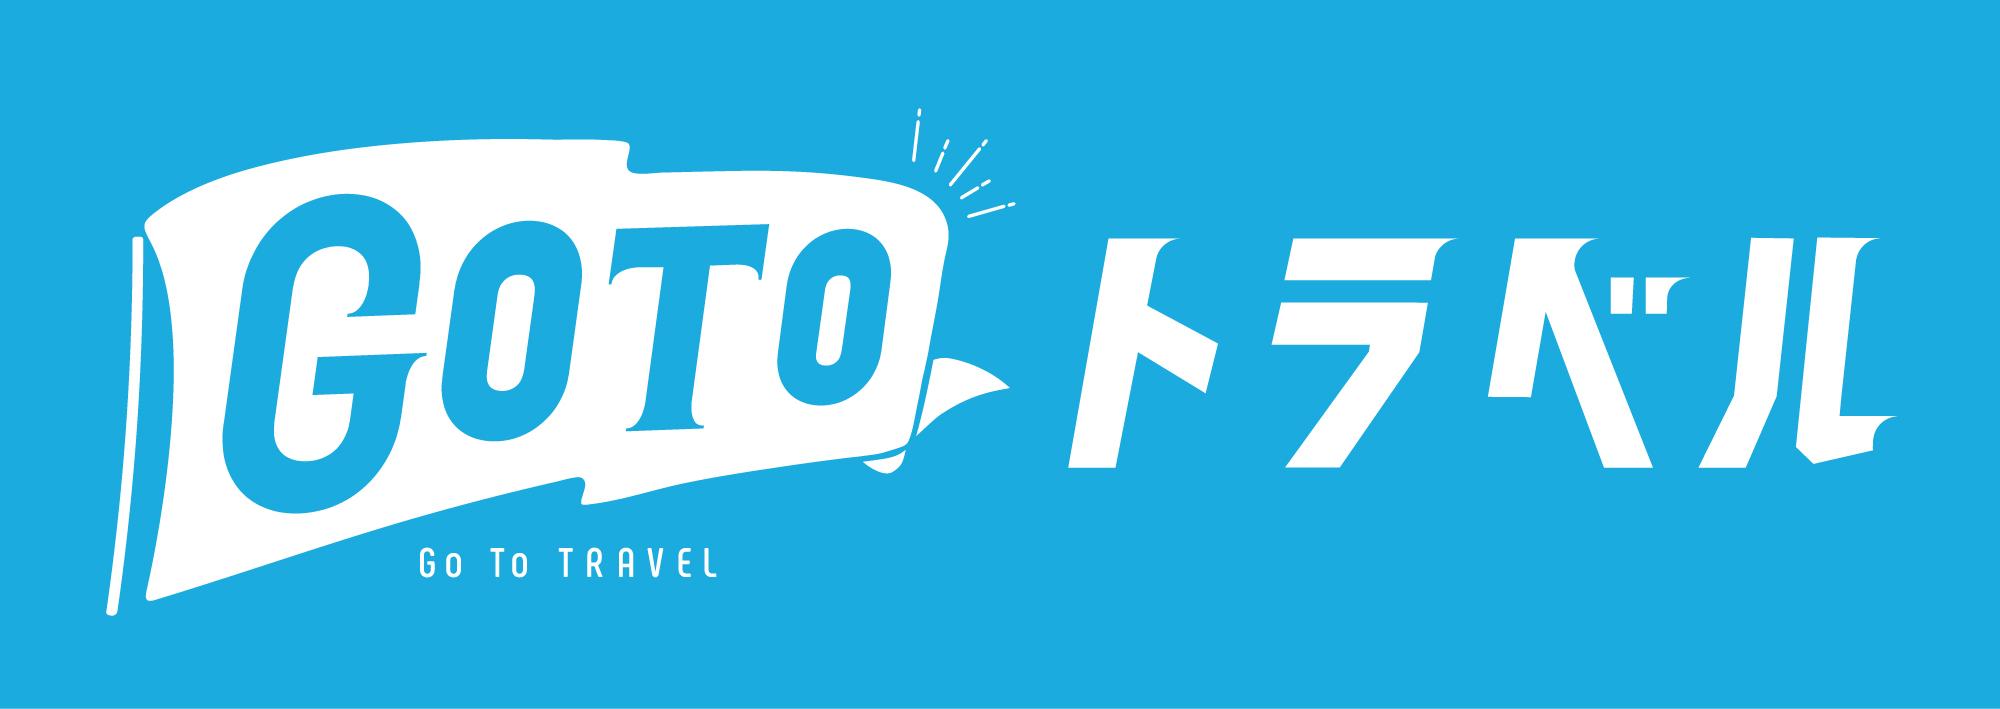 緊急事態宣言に伴う全国的な旅行に係る Go To トラベル事業の取扱いについて(2021年3月6日)